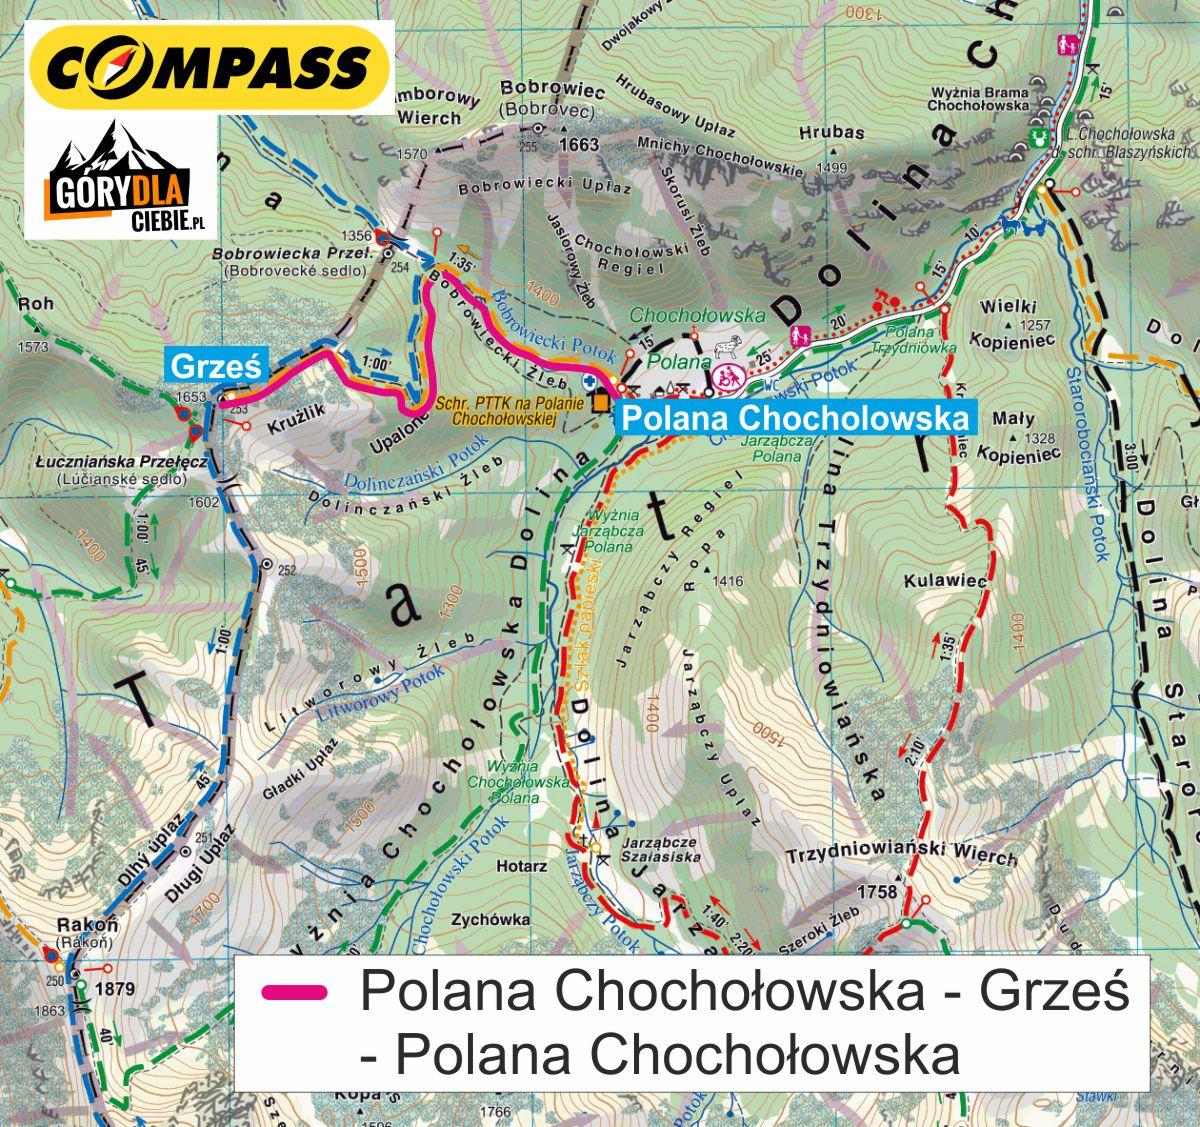 Grzes I Rakon Latwe I Widokowe Szczyty W Tatrach Opis I Mapa Trasy